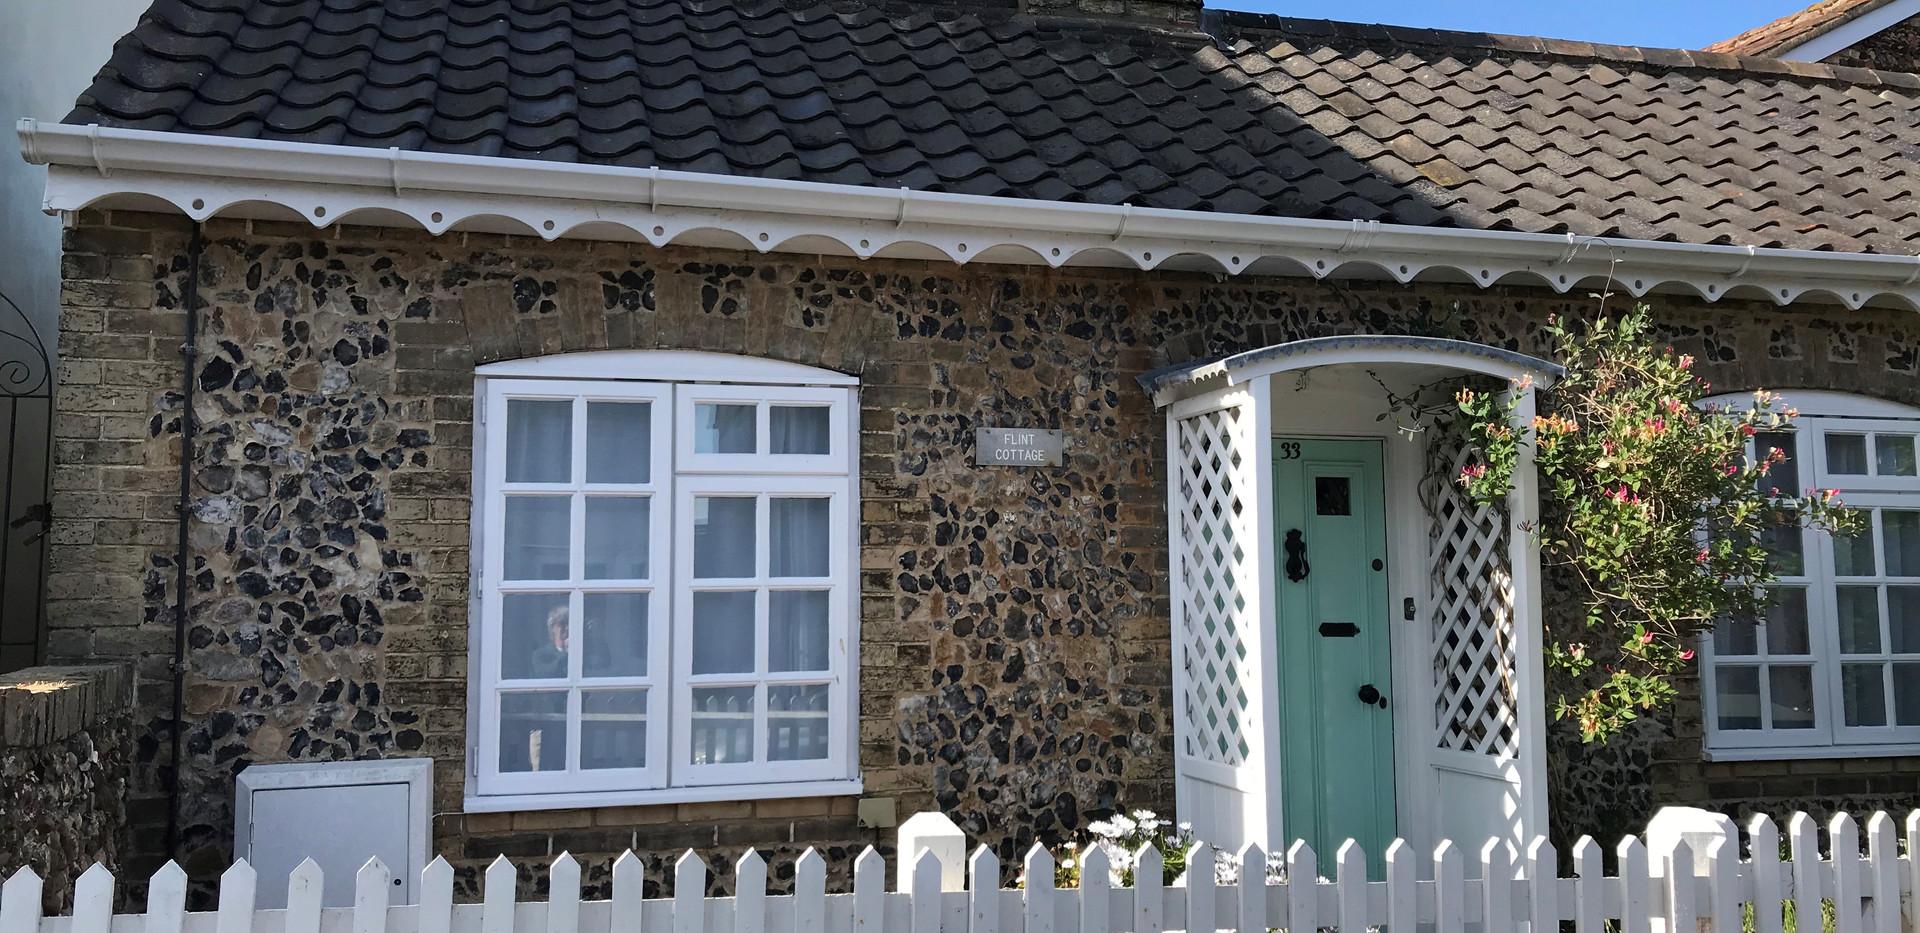 Flint Cottage: Front elevation